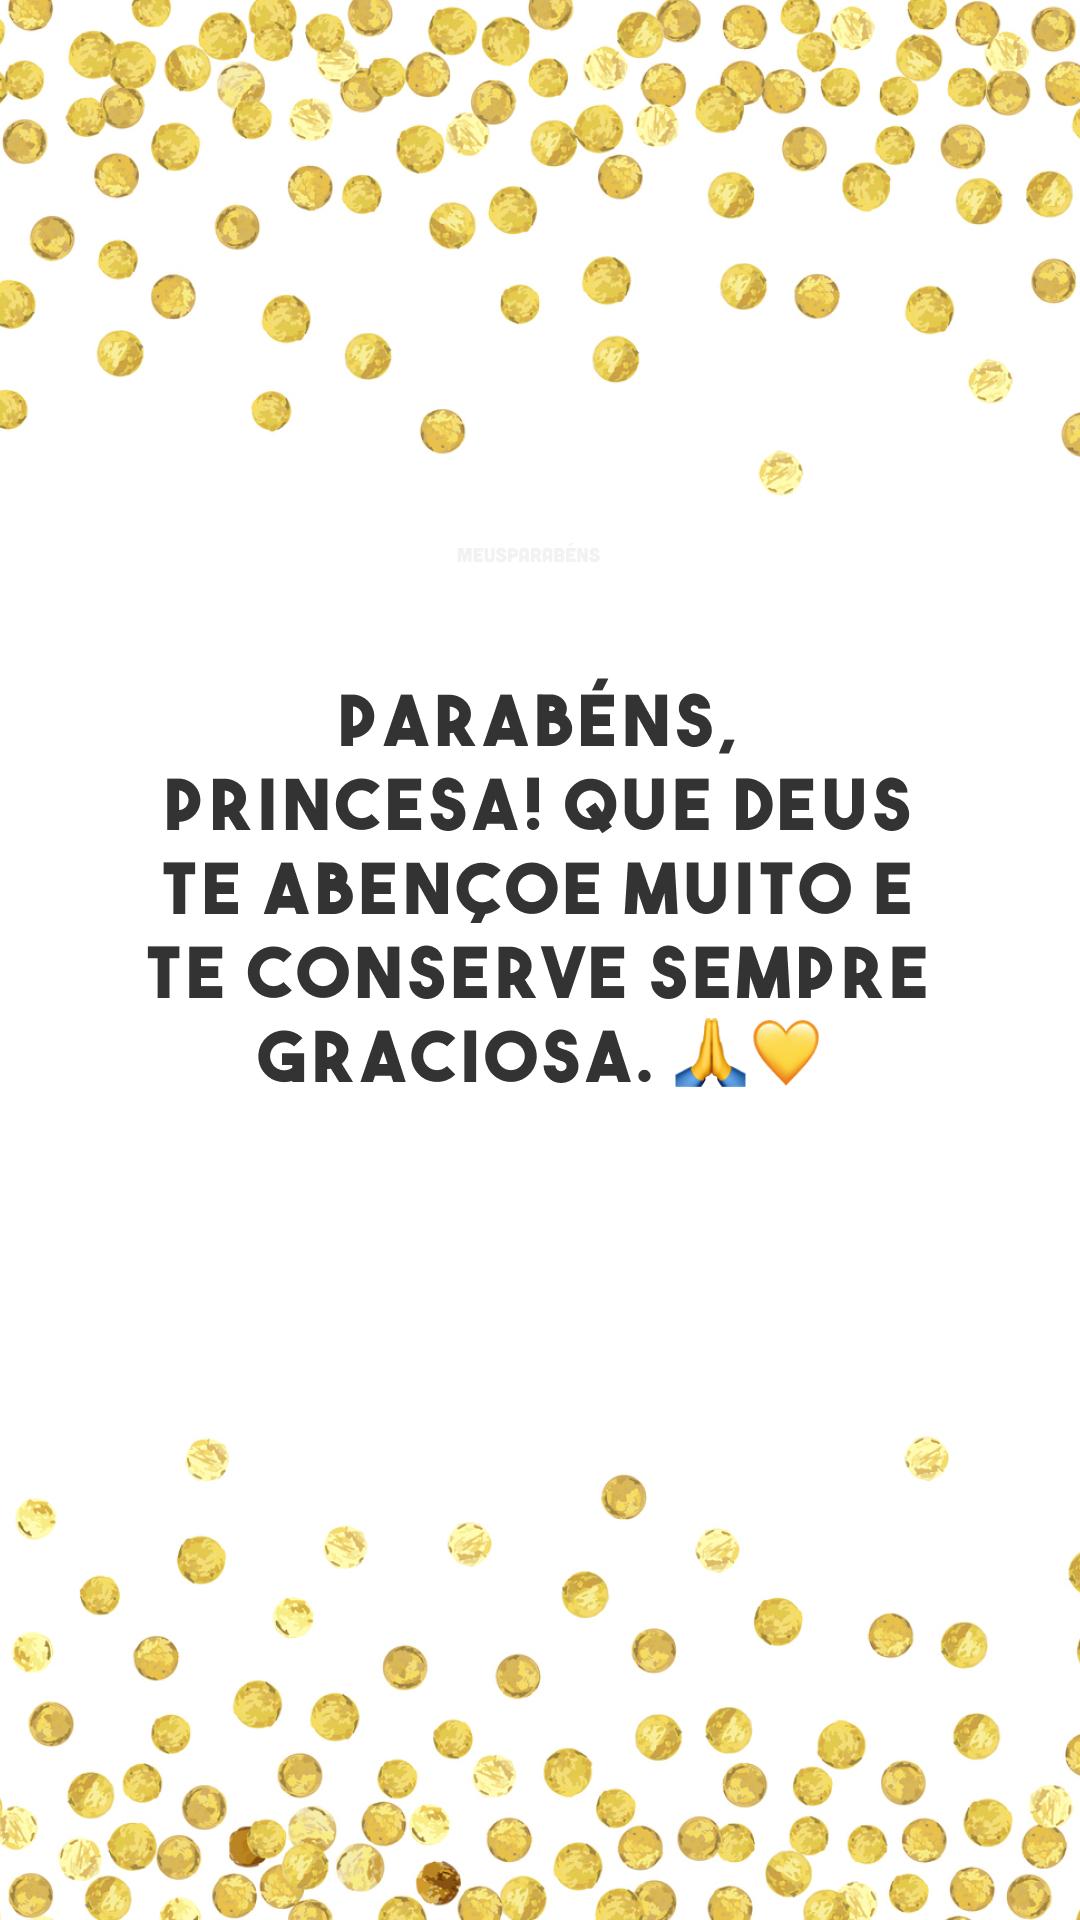 Parabéns, princesa! Que Deus te abençoe muito e te conserve sempre graciosa. 🙏💛